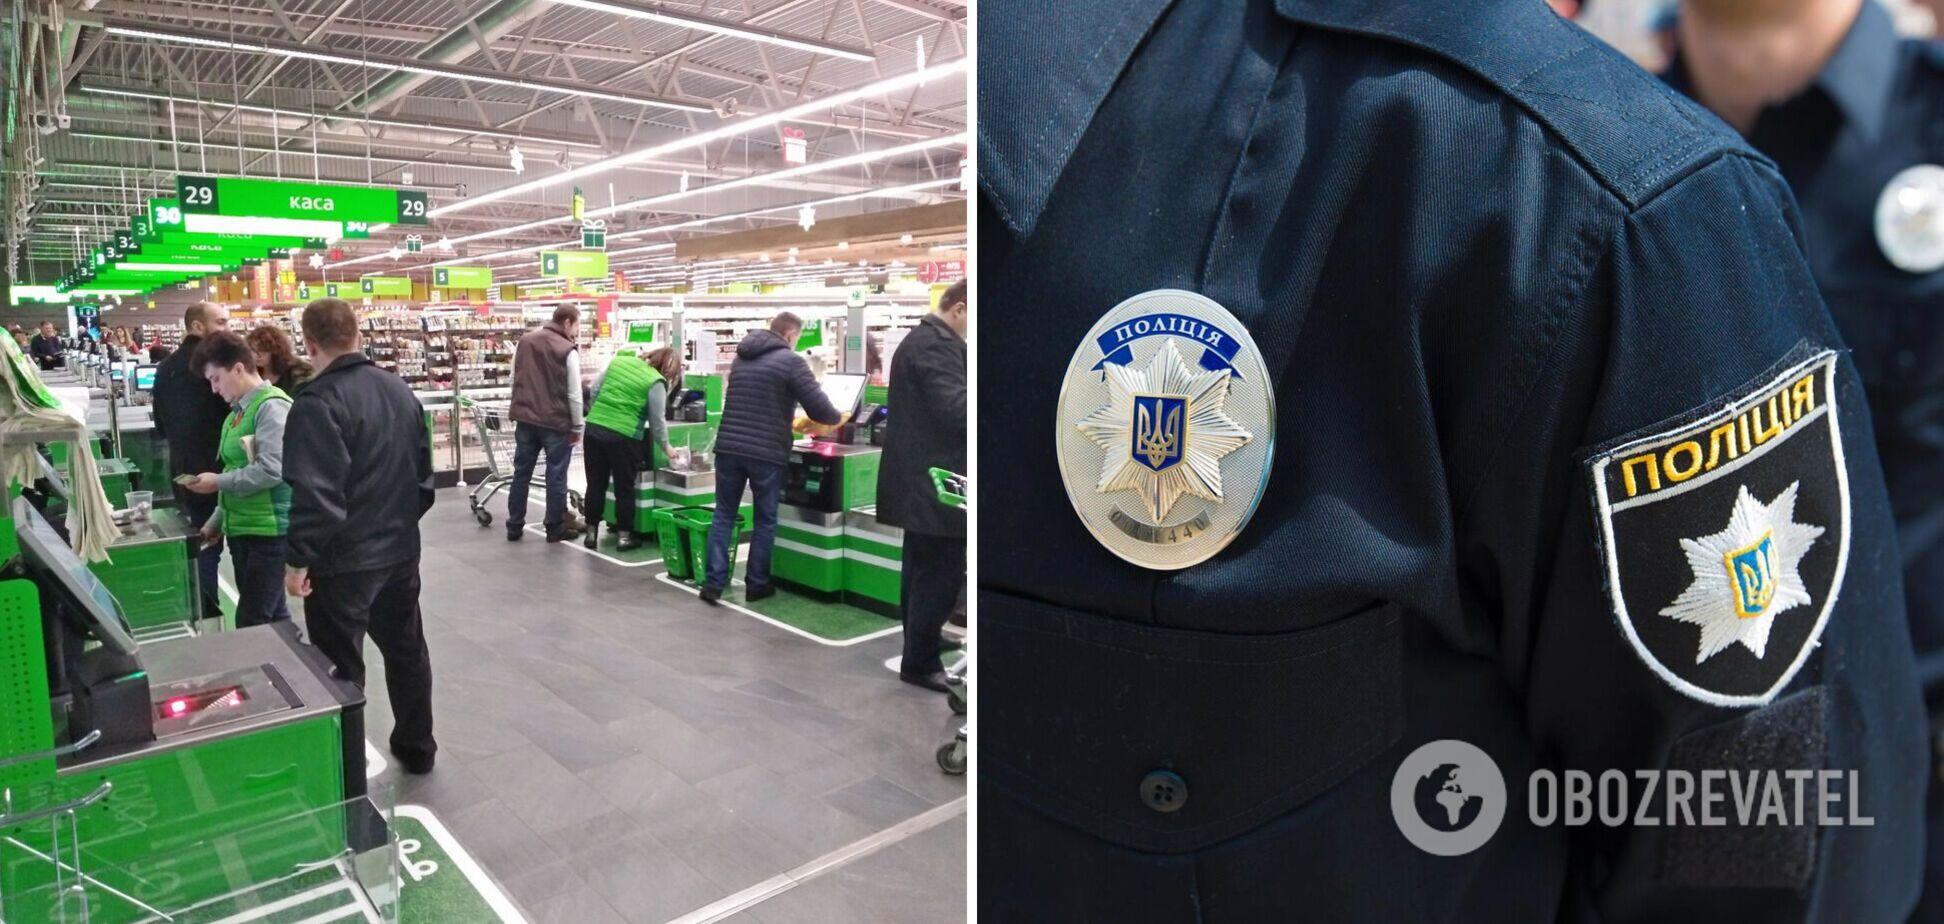 У Києві співробітниця супермаркету провернула аферу з поверненням товару: їй загрожує до 8 років за гратами